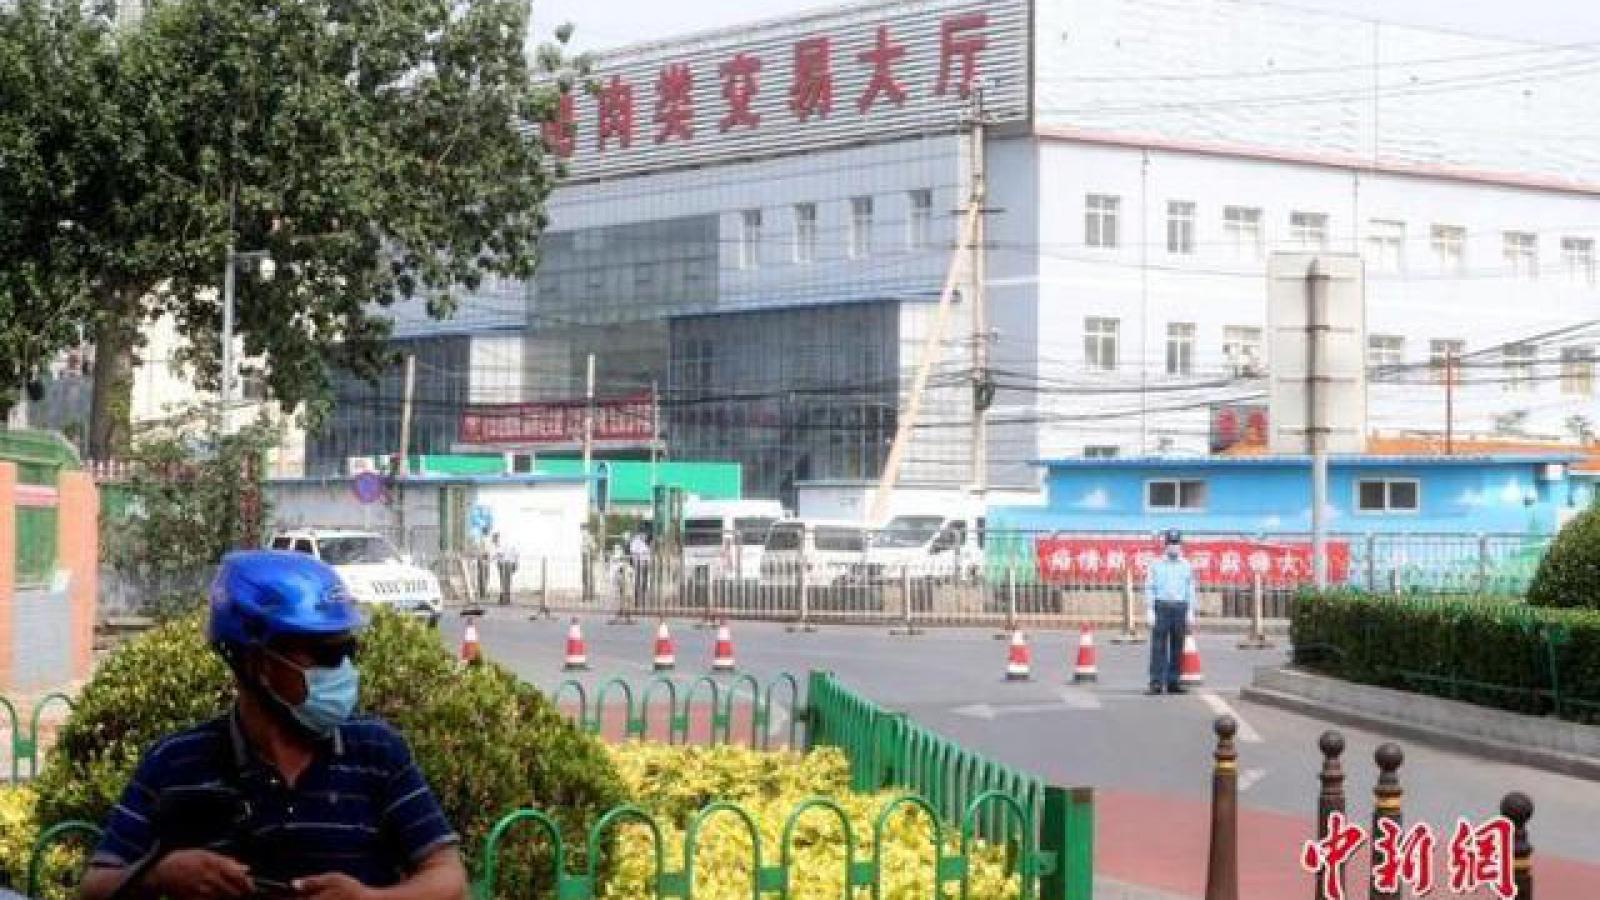 Chợ Tân Phát Địa trở thành ổ dịch Covid-19 mới ở Bắc Kinh (Trung Quốc)